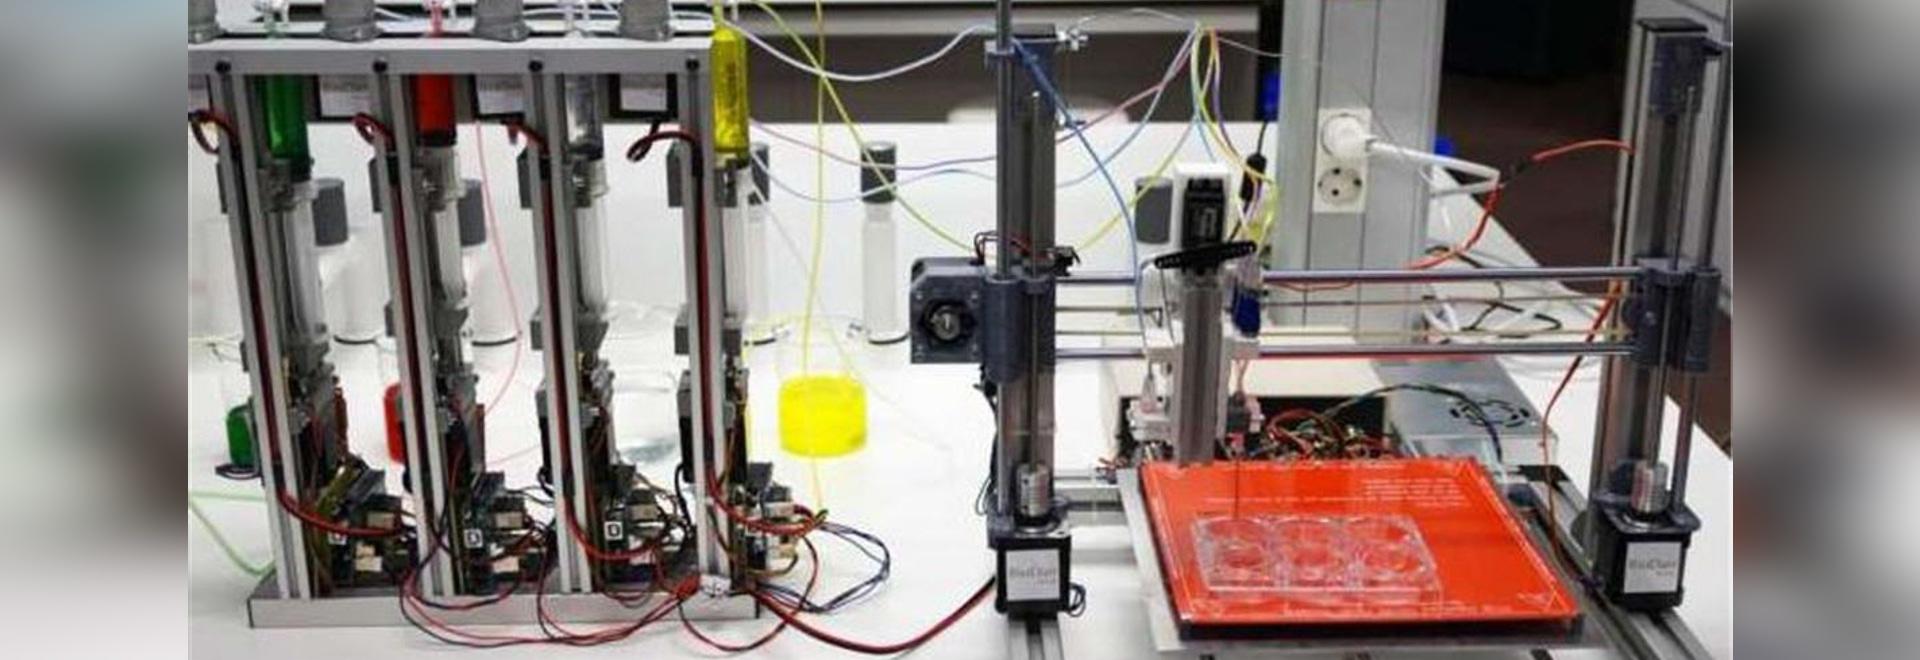 Los investigadores construyen el prototipo de 3D Bioprinter para crear la piel humana funcional: ¿Cuál es 3D Bioprinting?